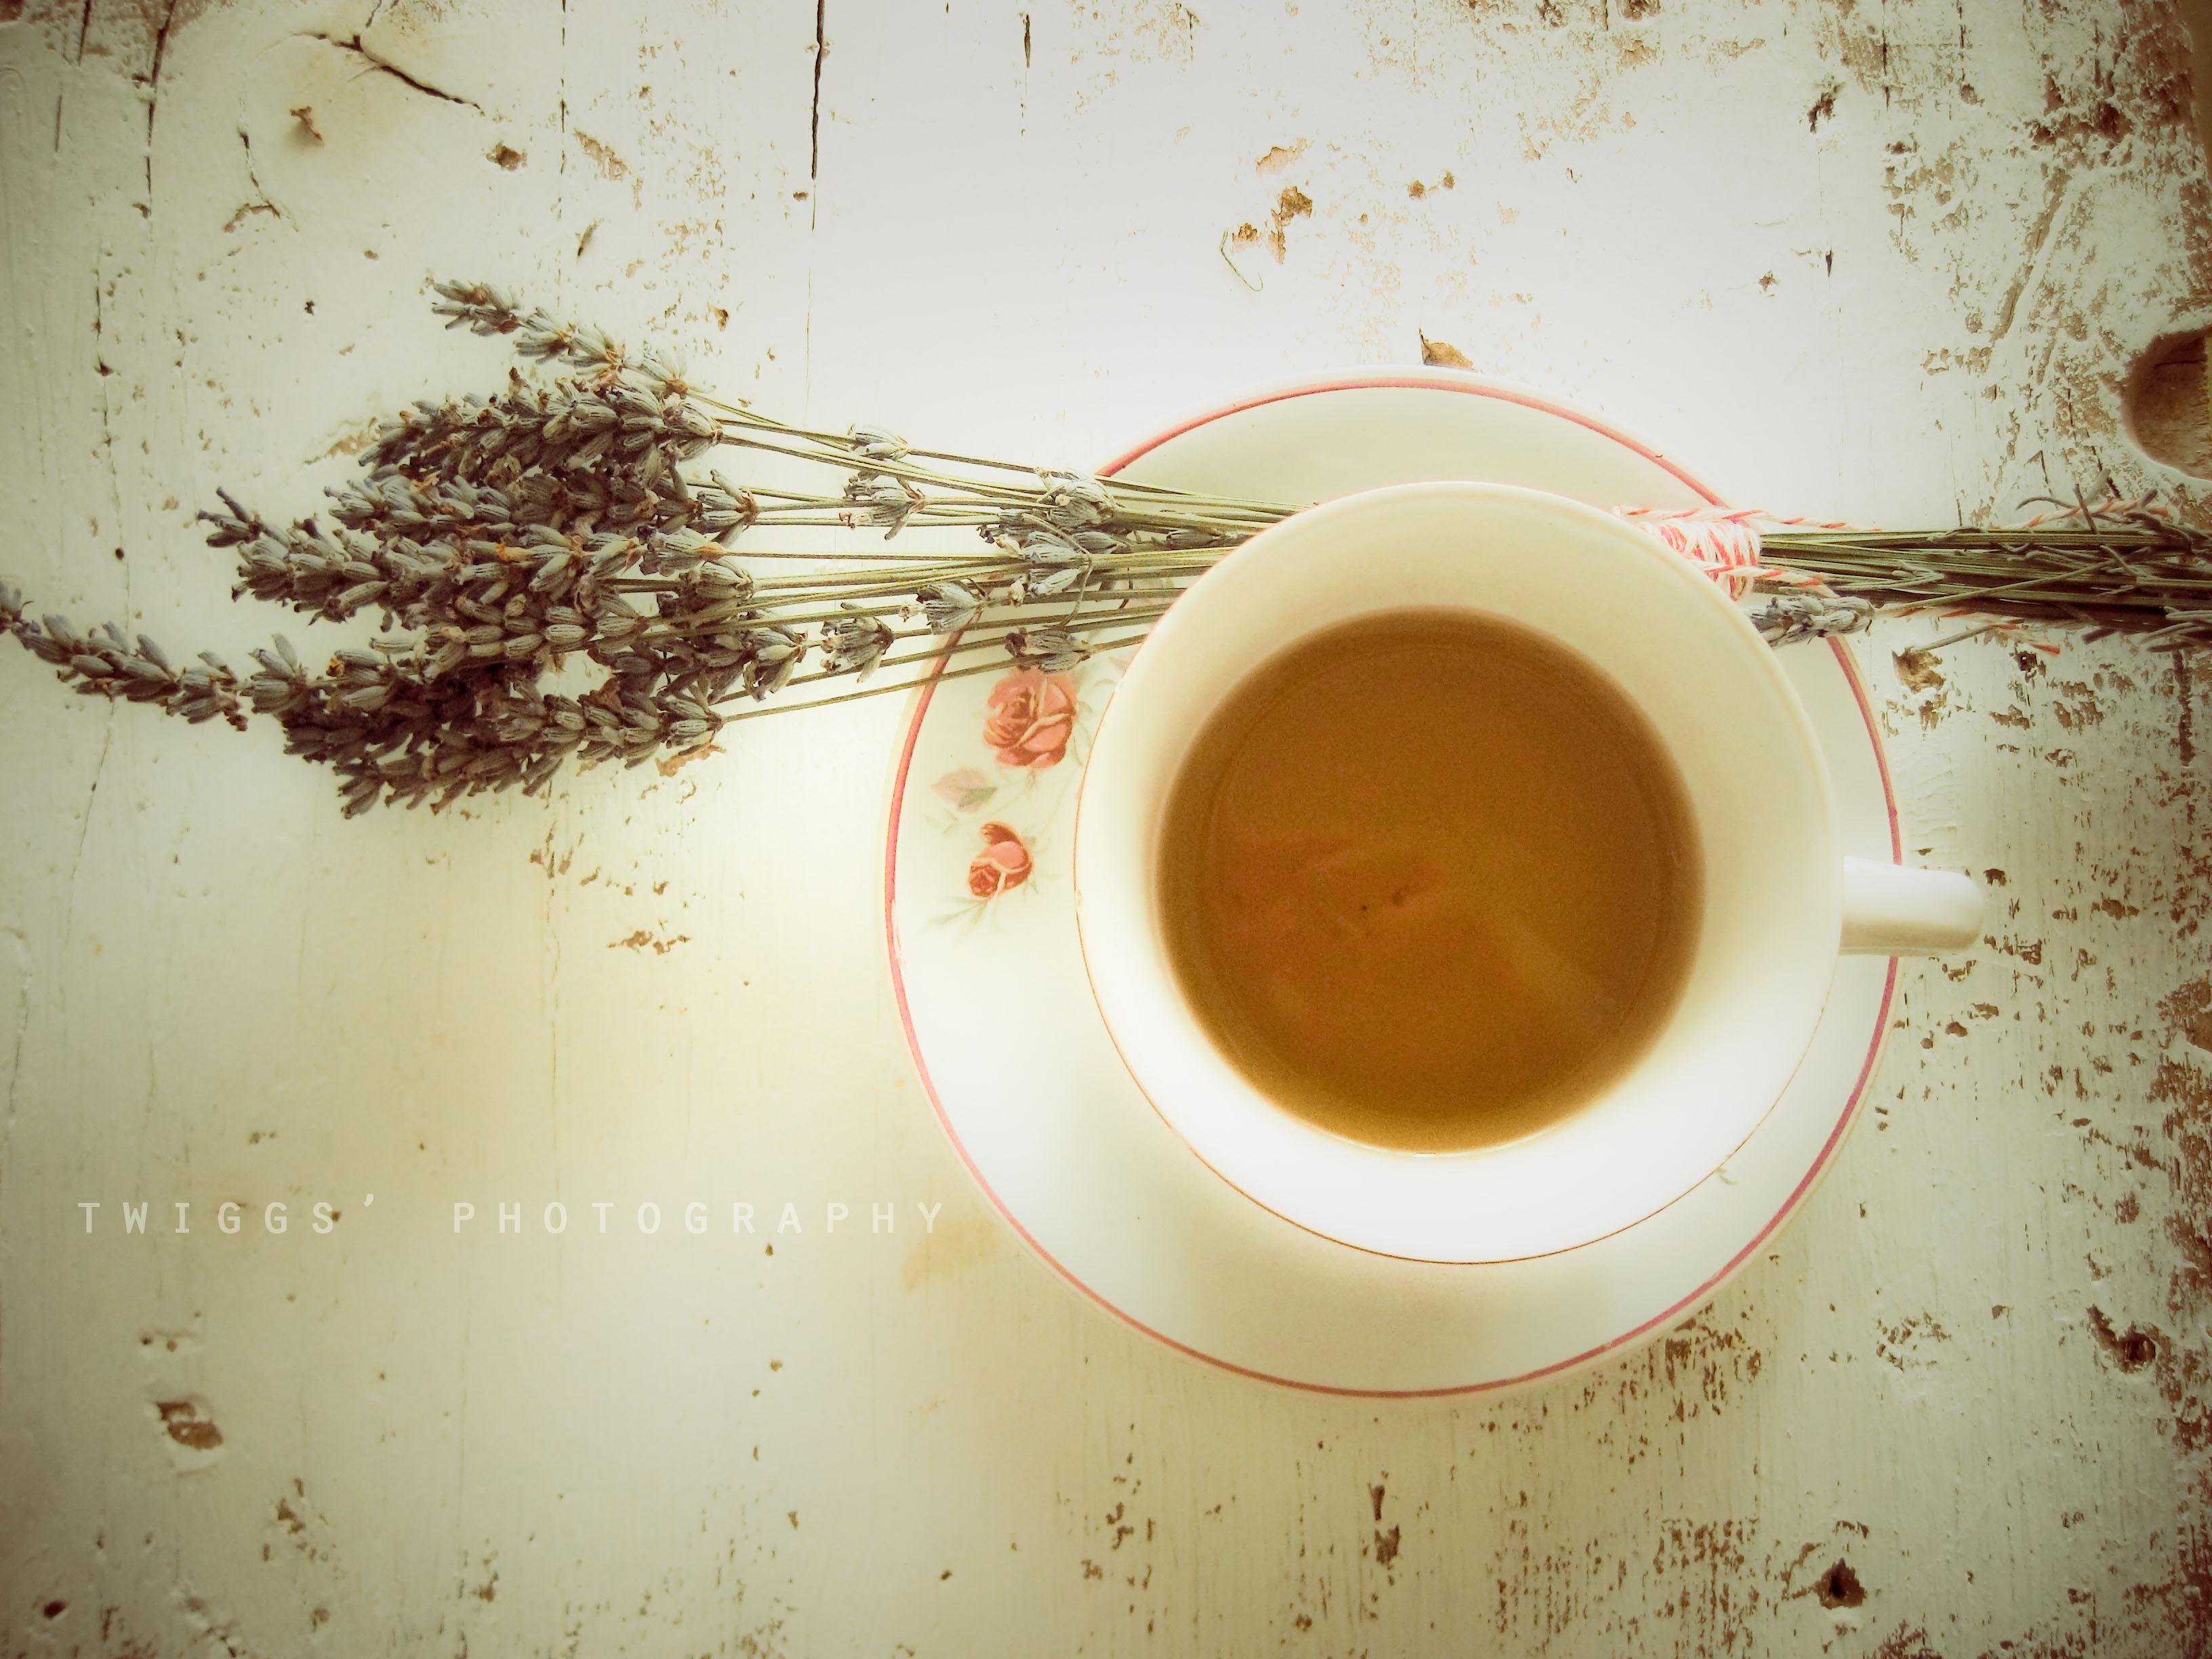 Cup of Tea Wallpaper Freetopwallpapercom 3264x2448